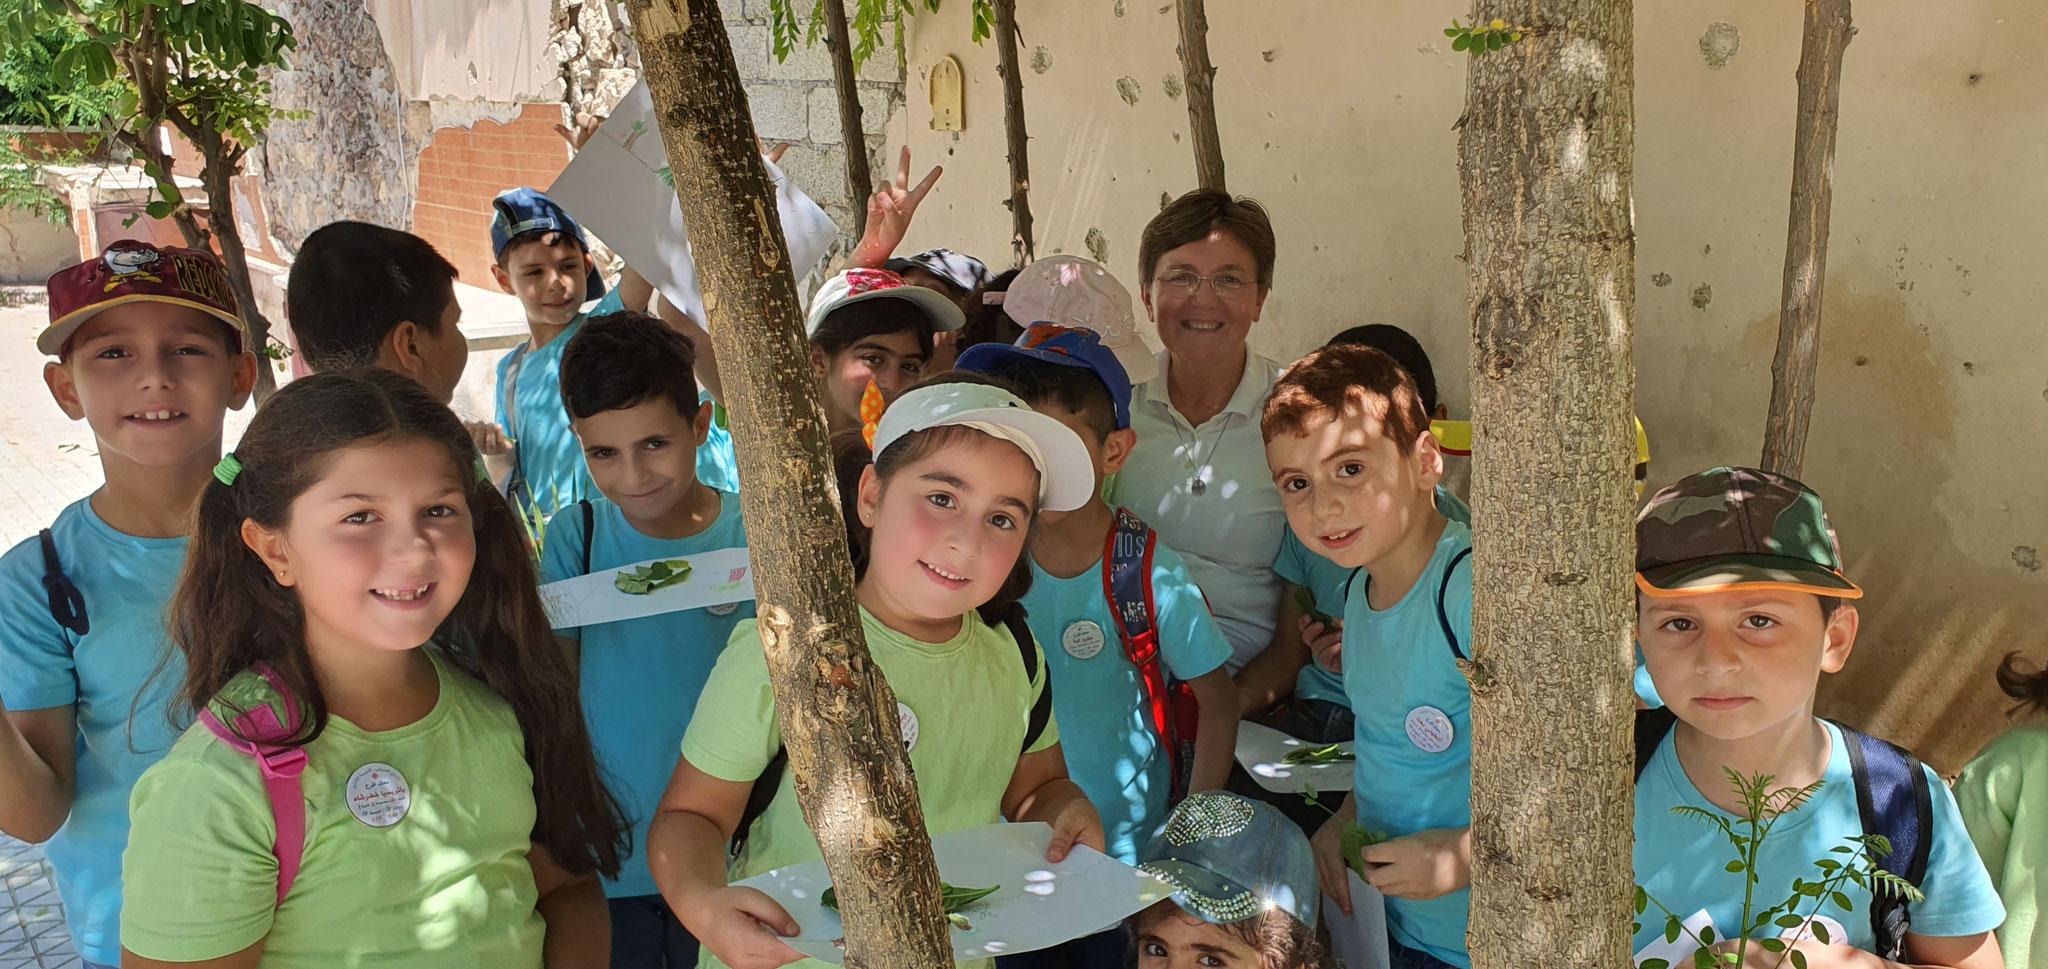 ICO-Projektpartner Sr. Brygida mit Kindern in Aleppo